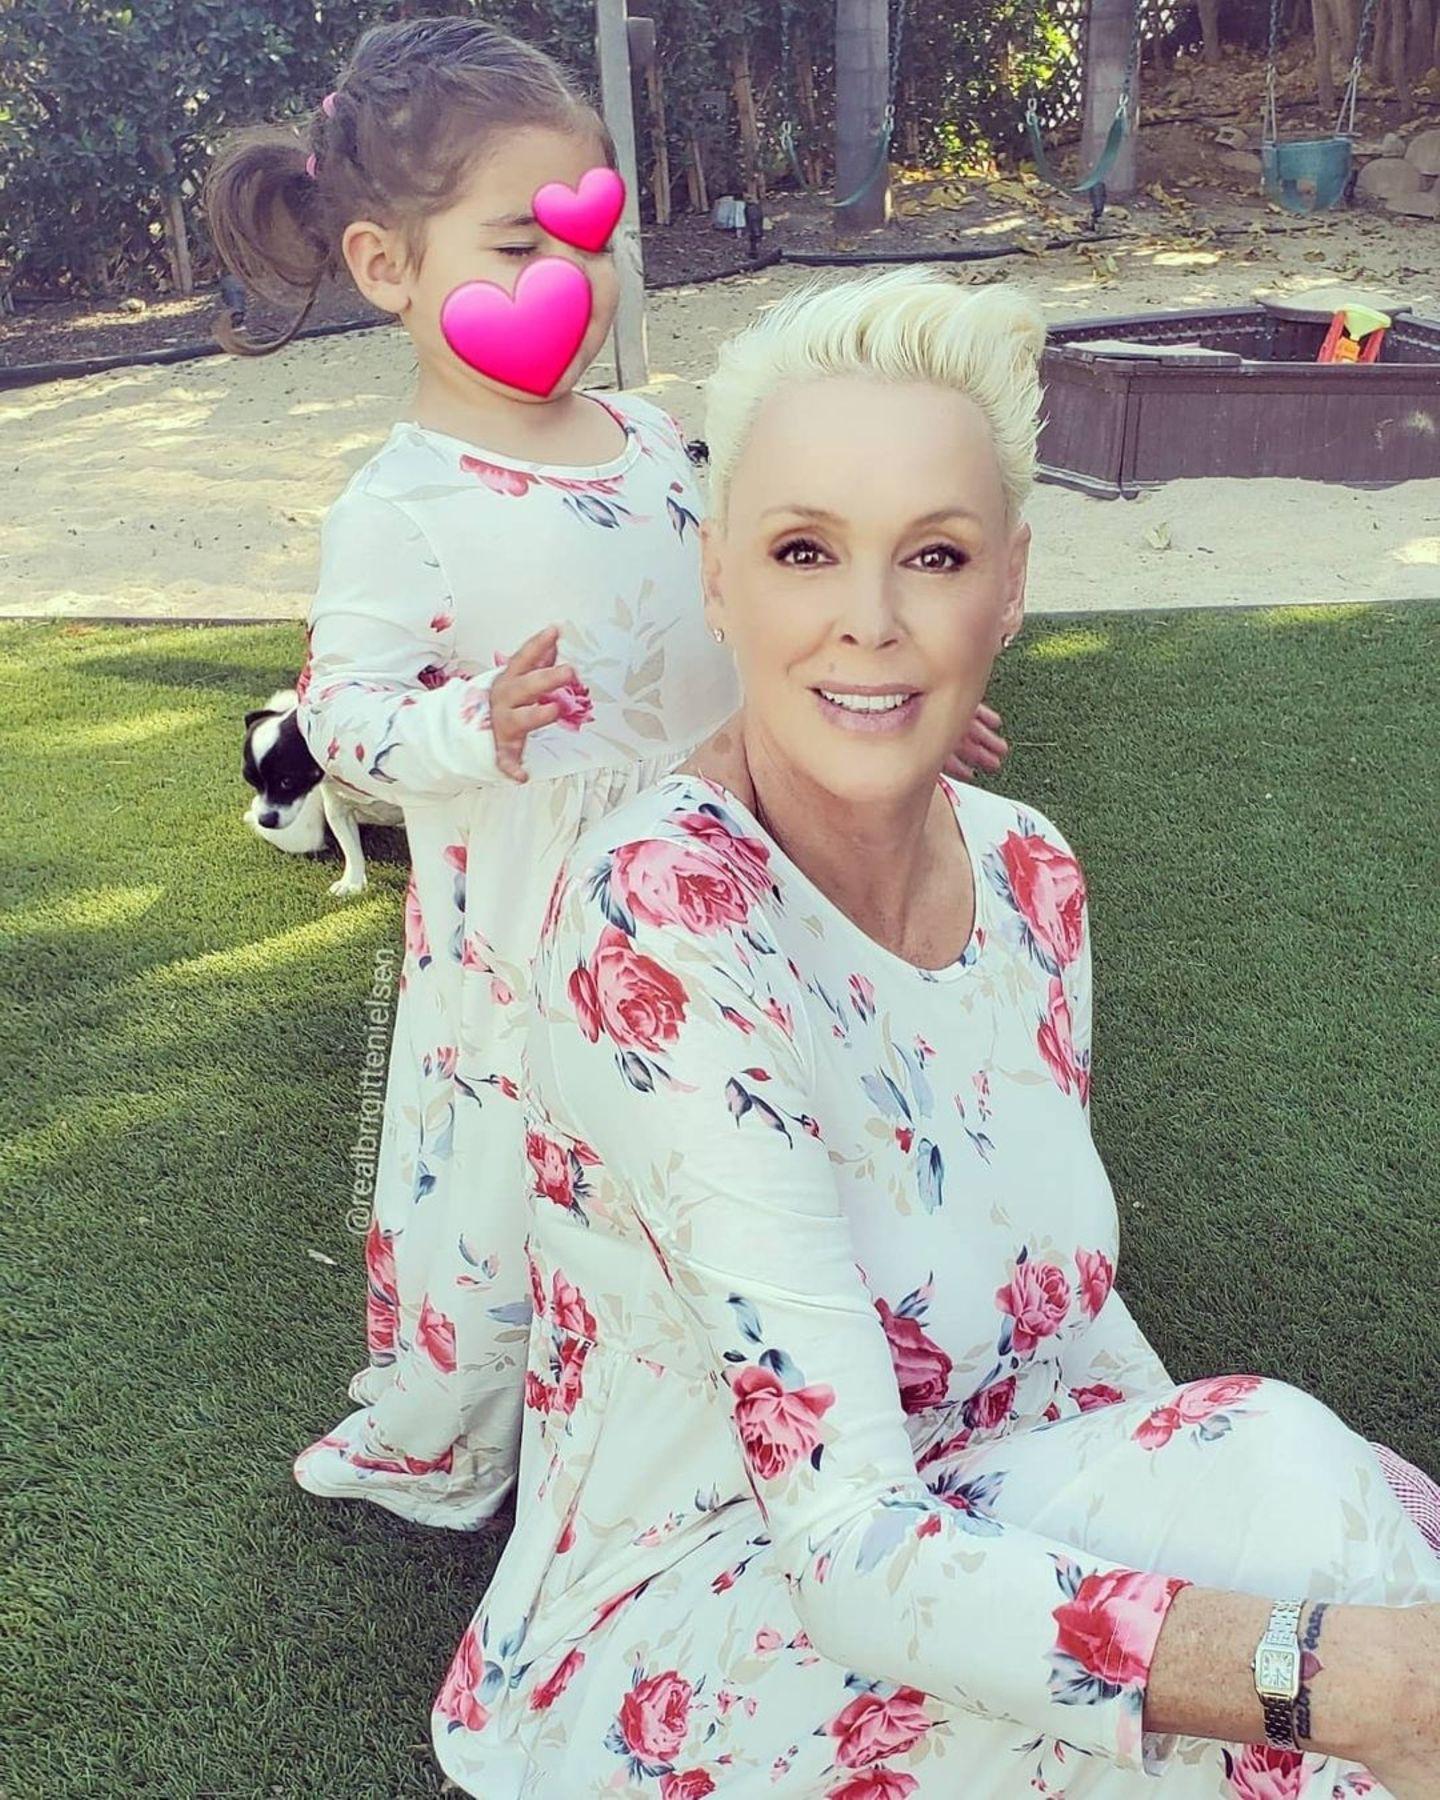 """""""In blumiger Stimmung"""" sind Brigitte Nielsen und ihre kleine Tochter, die sie liebevoll als Mini-Me bezeichnet: Beide tragen das gleiche Kleid mit floralem Muster und sehen darin zauberhaft aus"""